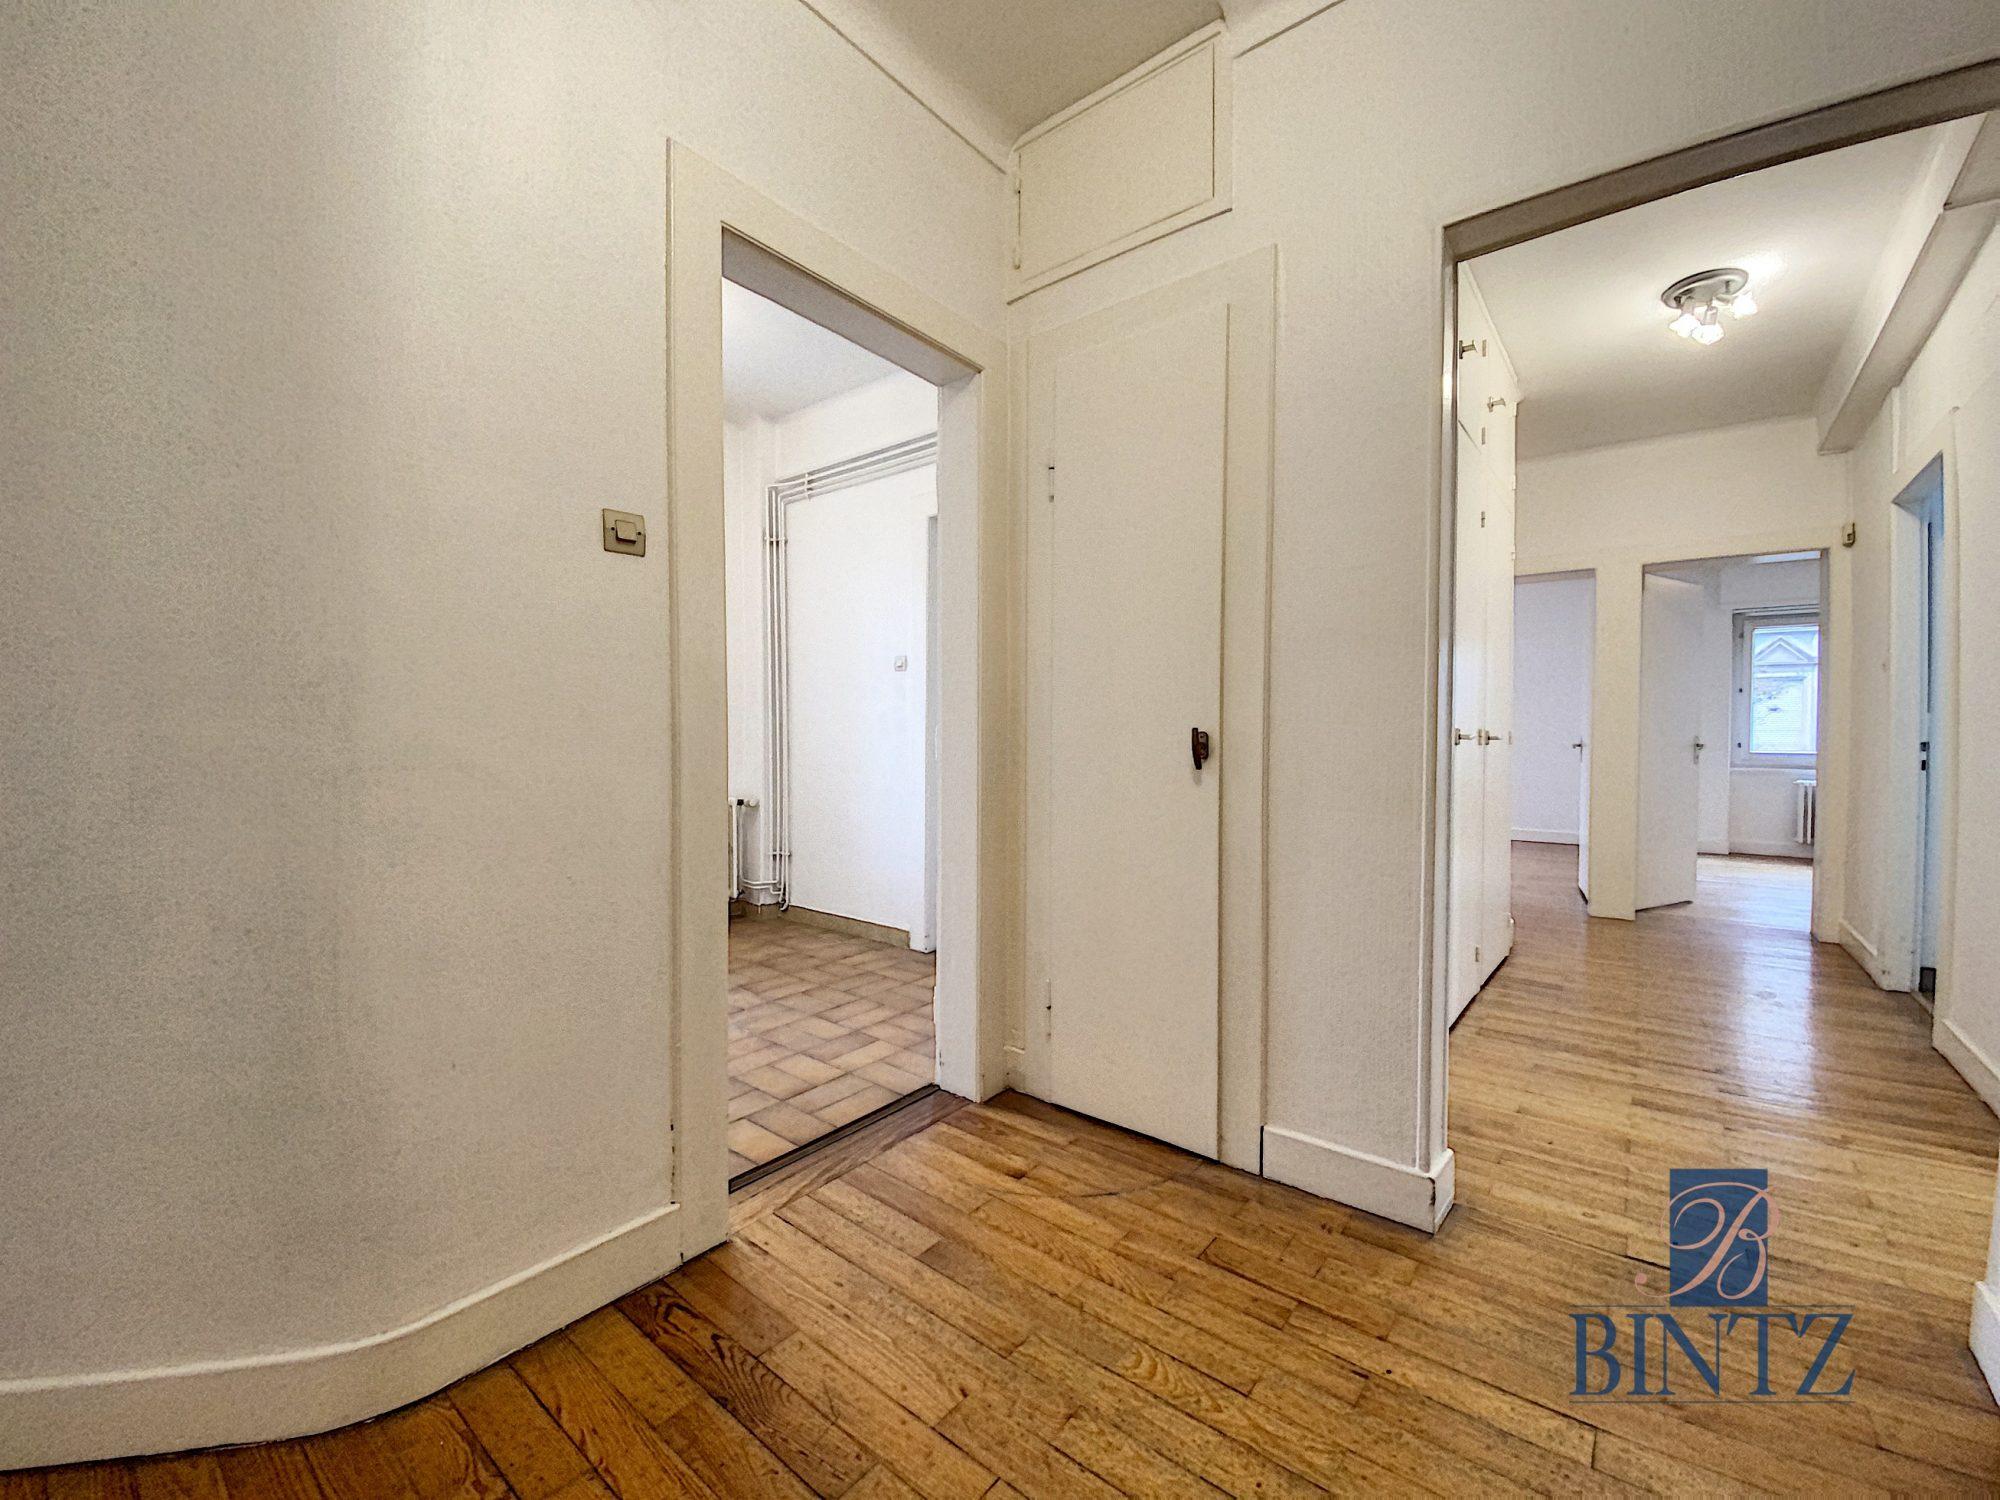 3P avec terrasse orangerie - Devenez locataire en toute sérénité - Bintz Immobilier - 5